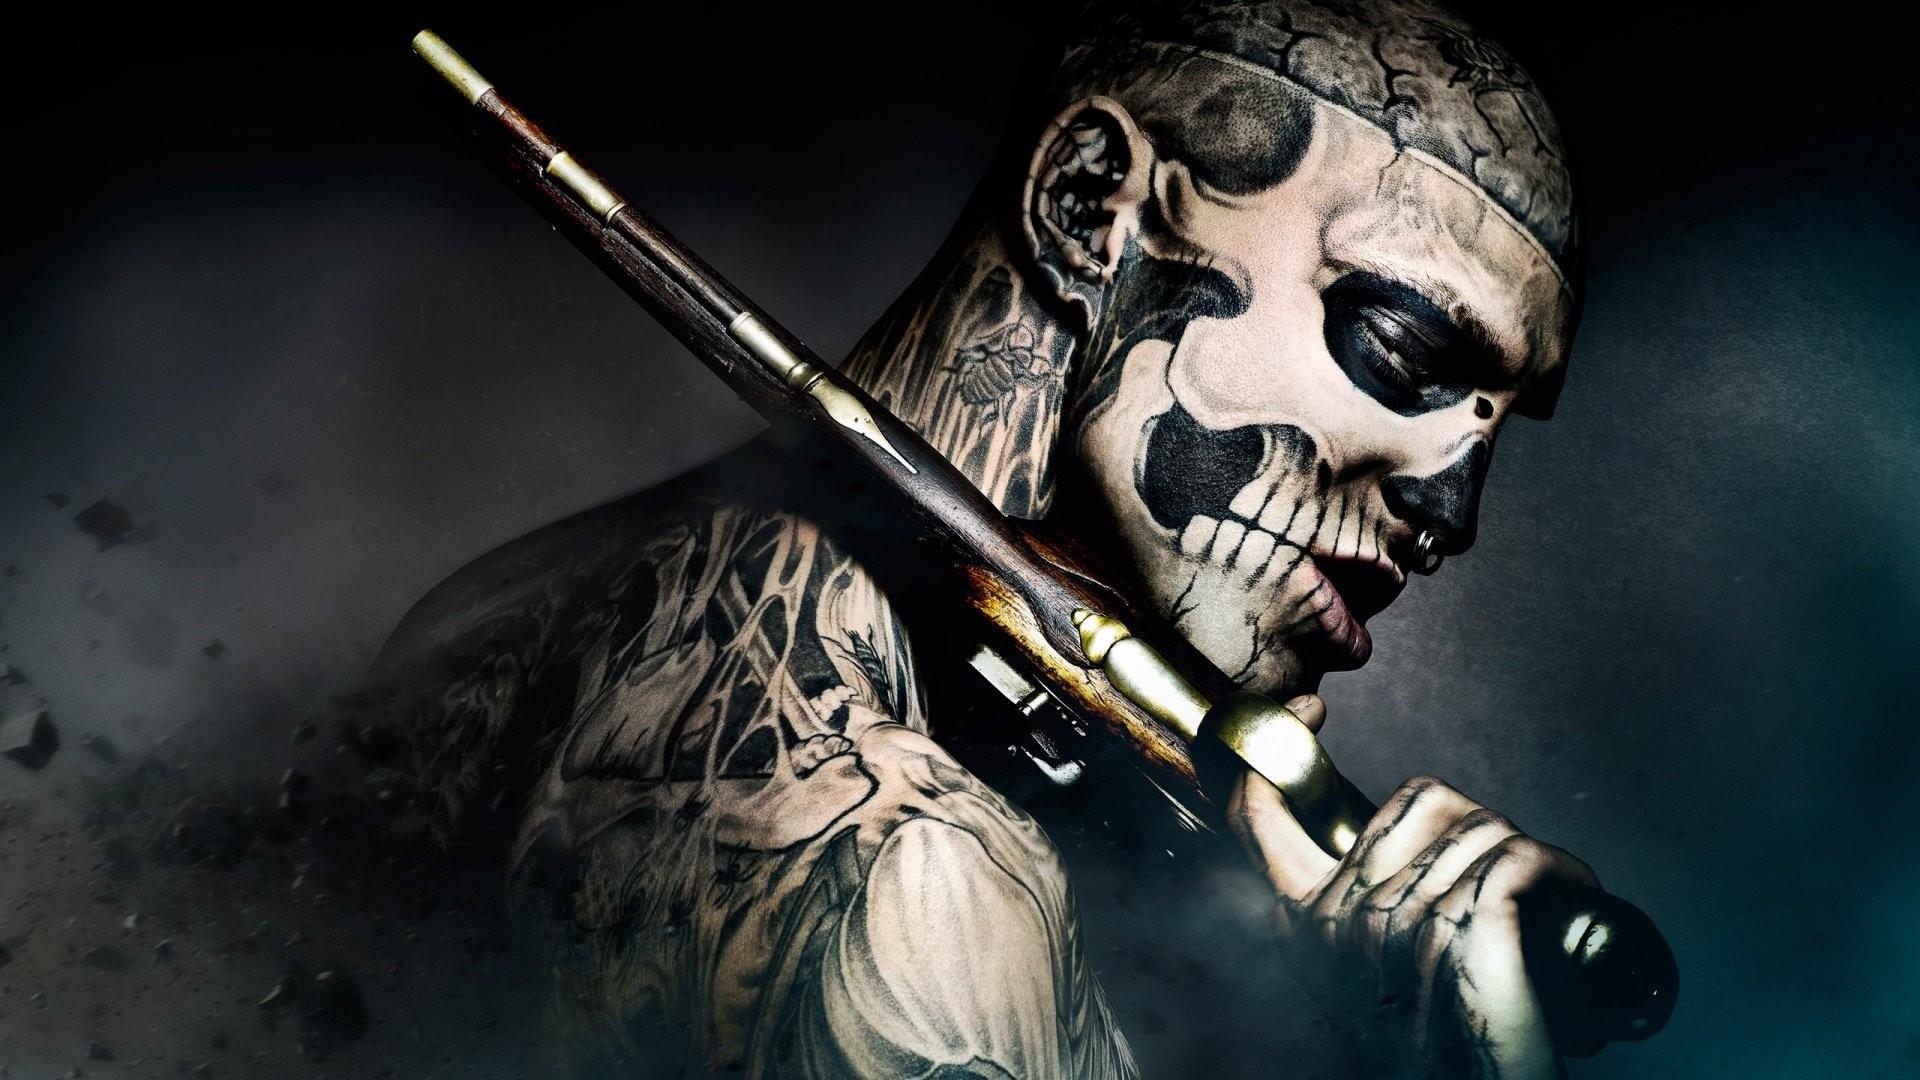 TATTOOED BODY – freak-gun-tattoo-skull wallpaper | | 448697 .